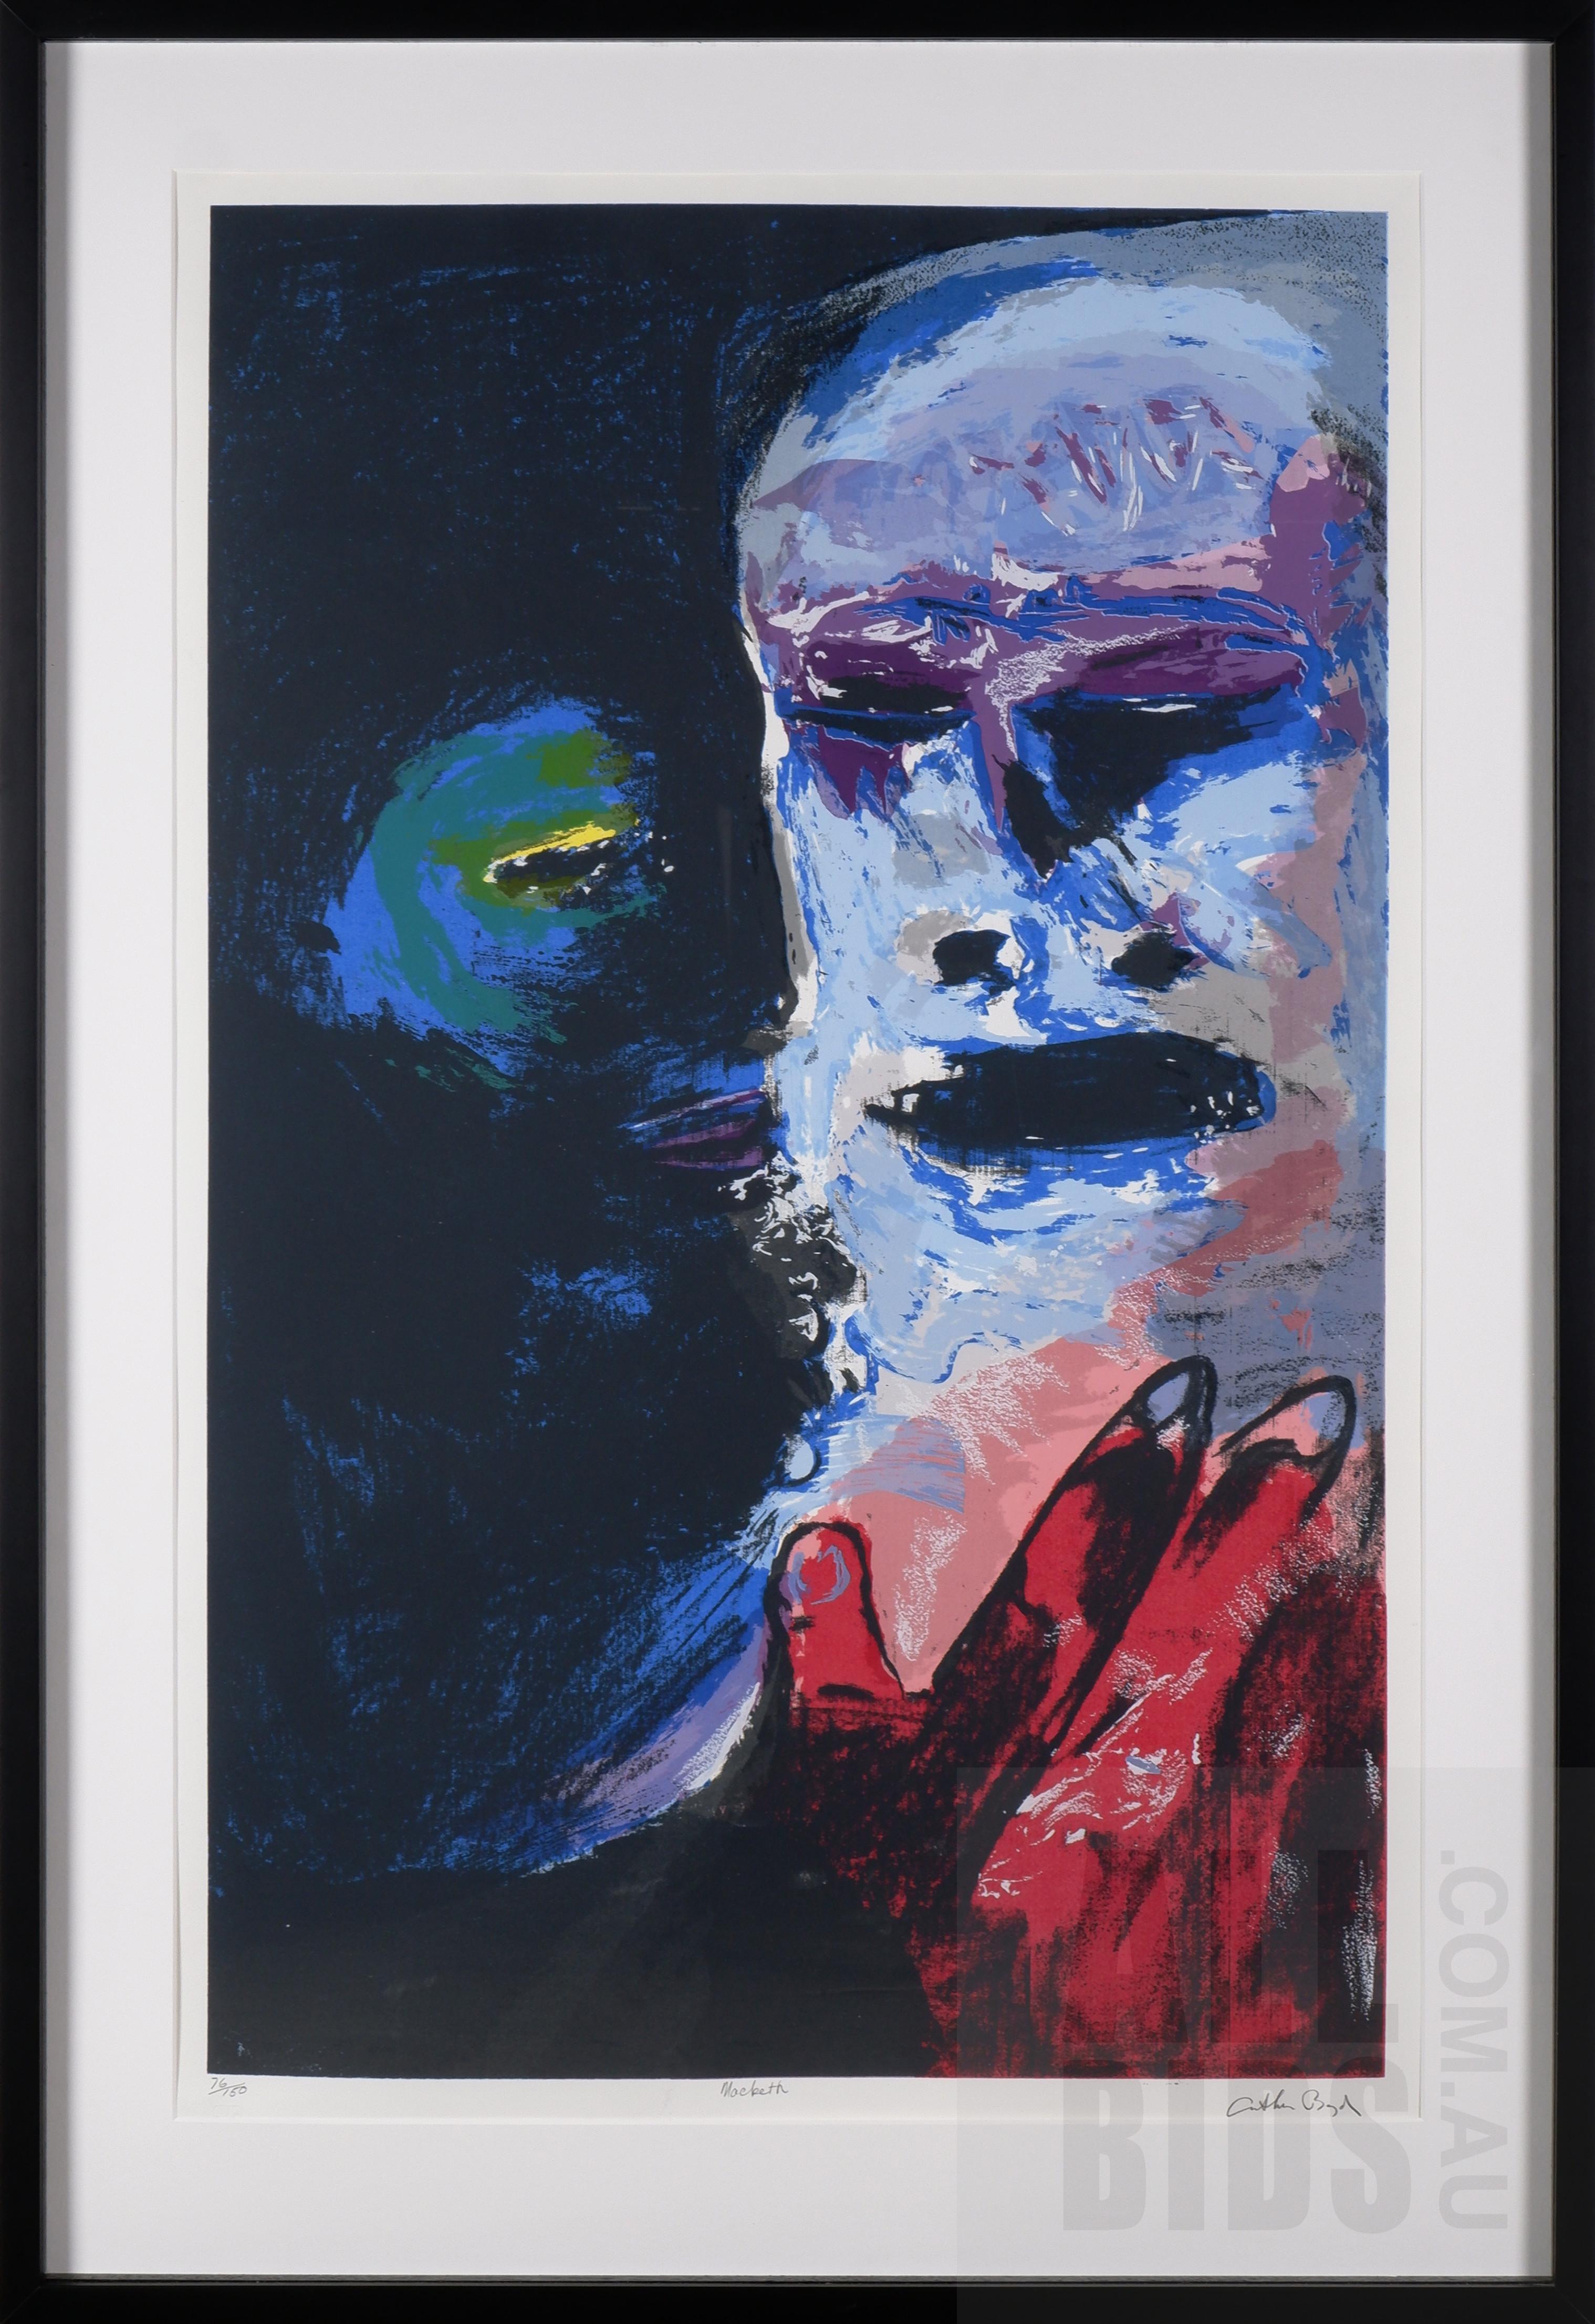 'Arthur Boyd (1920-1999), Macbeth, Screenprint, 92 x 58 cm (image size)'